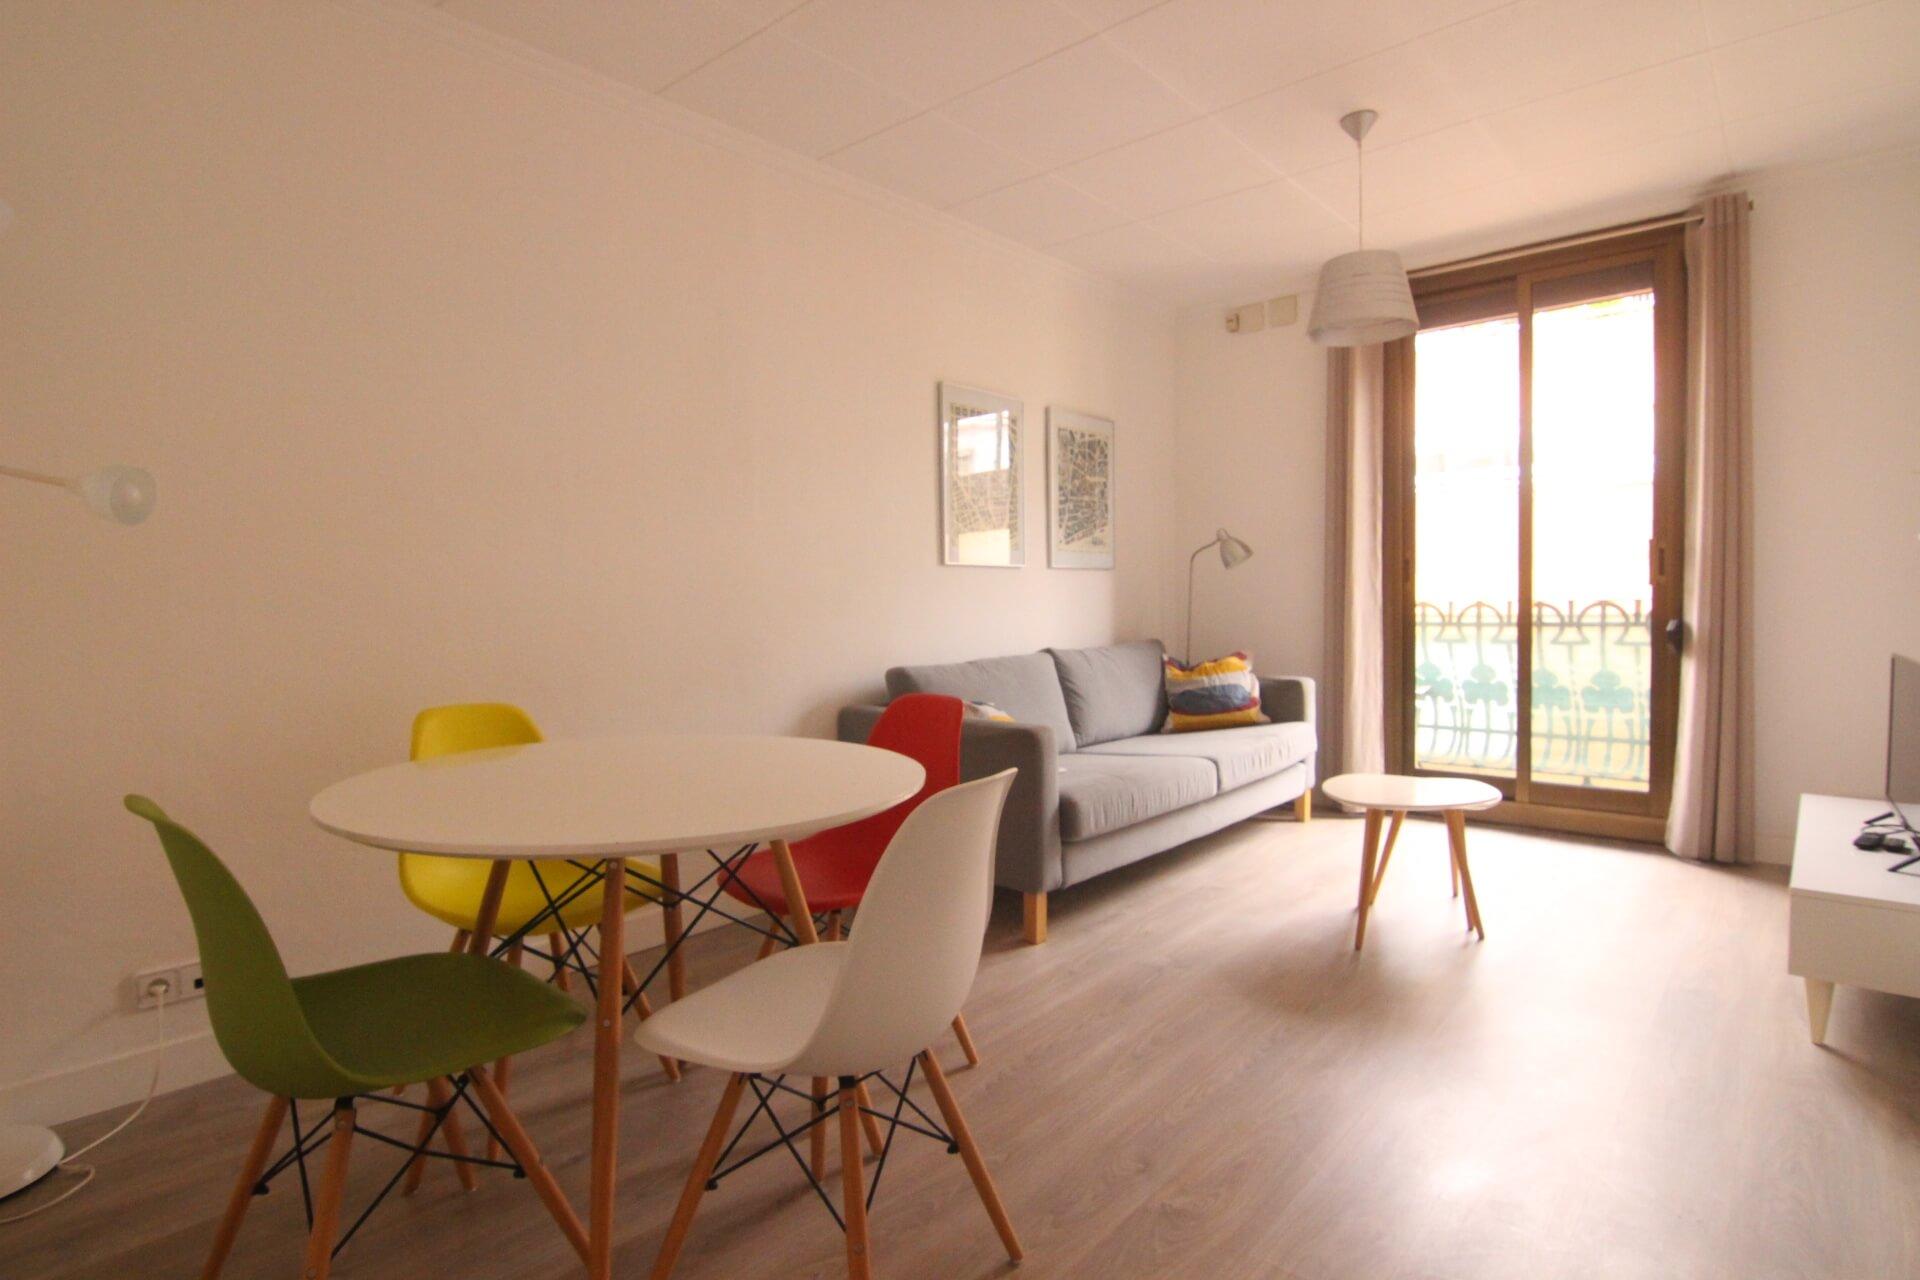 Location deux chambres doubles calle ricart poble sec